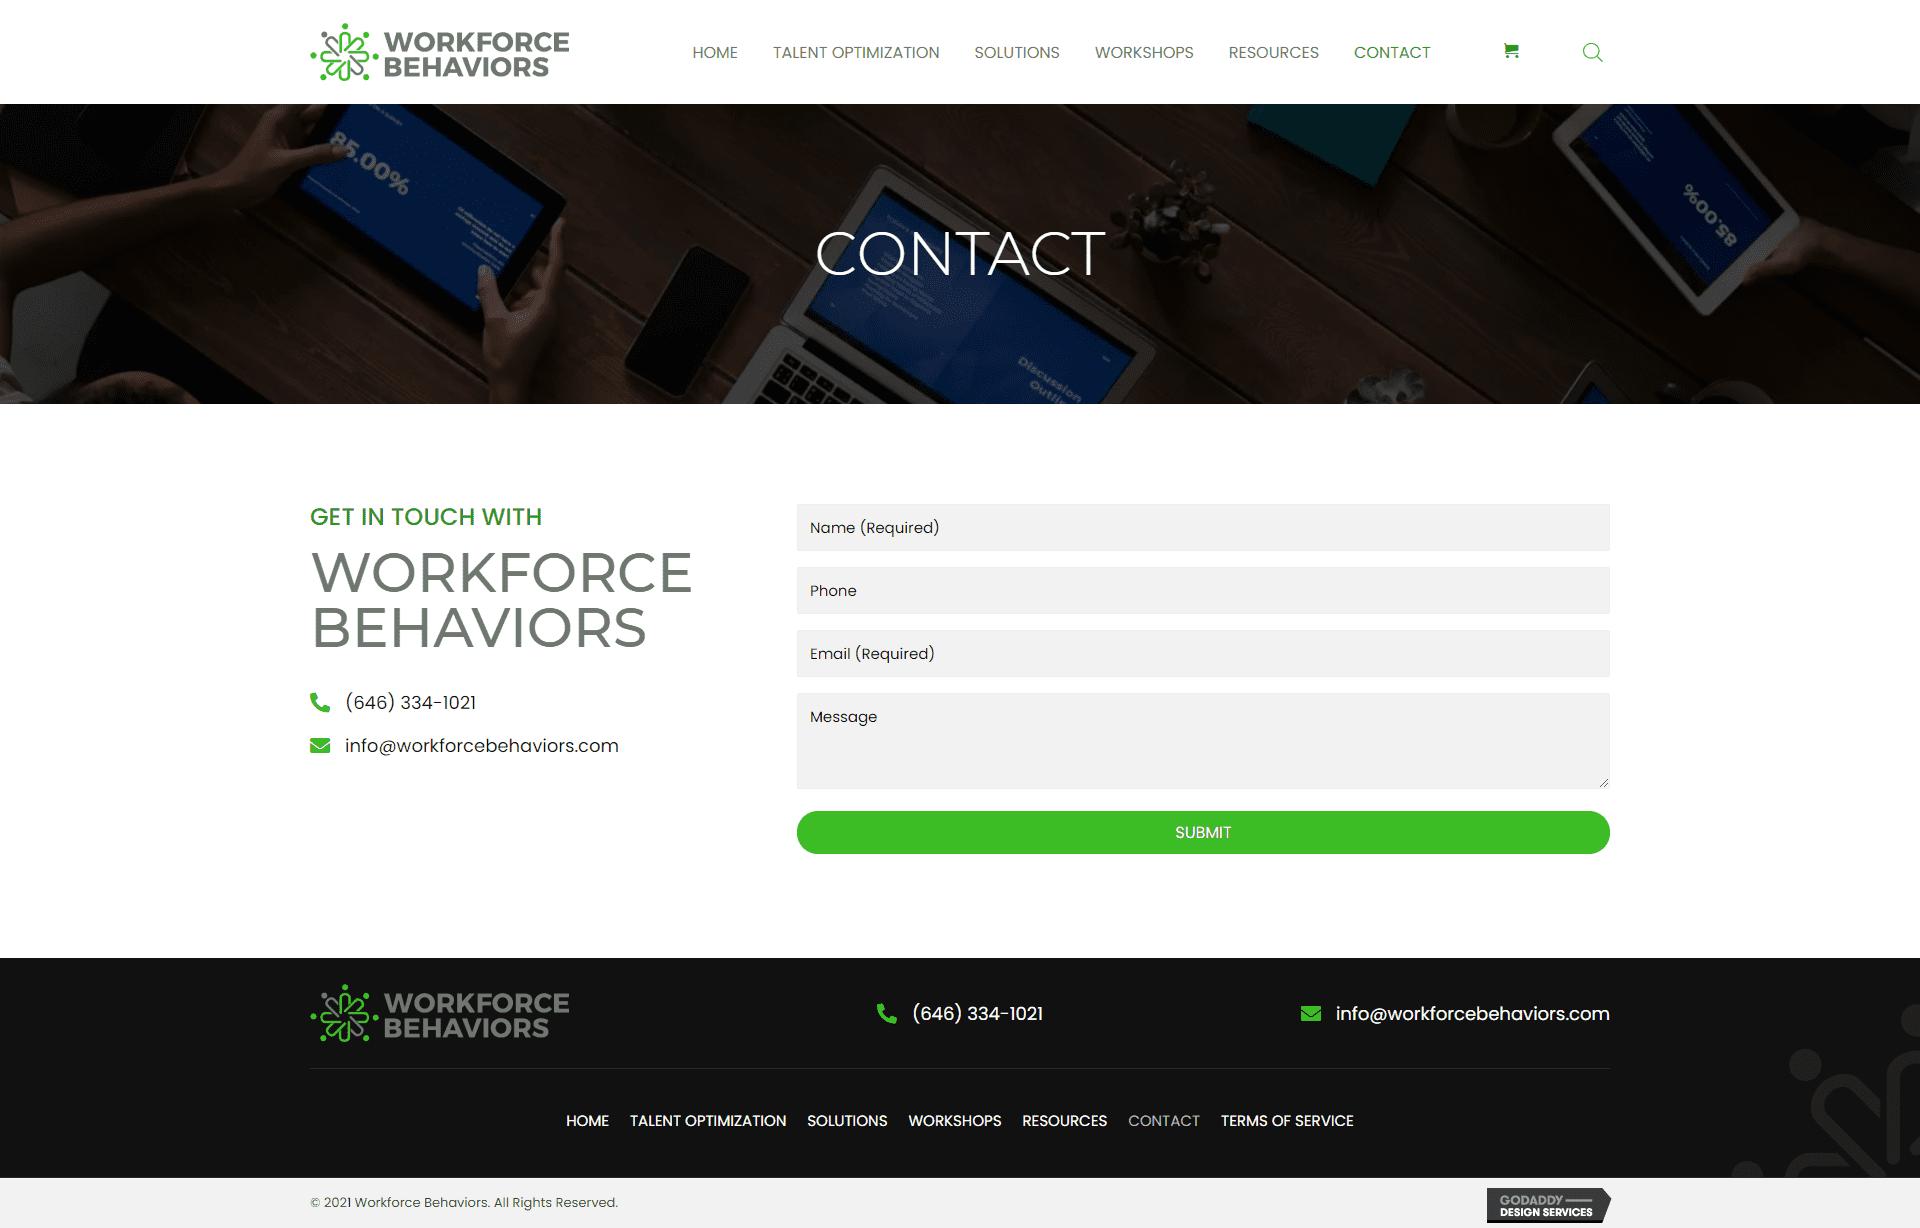 Workforce Behaviors Contact